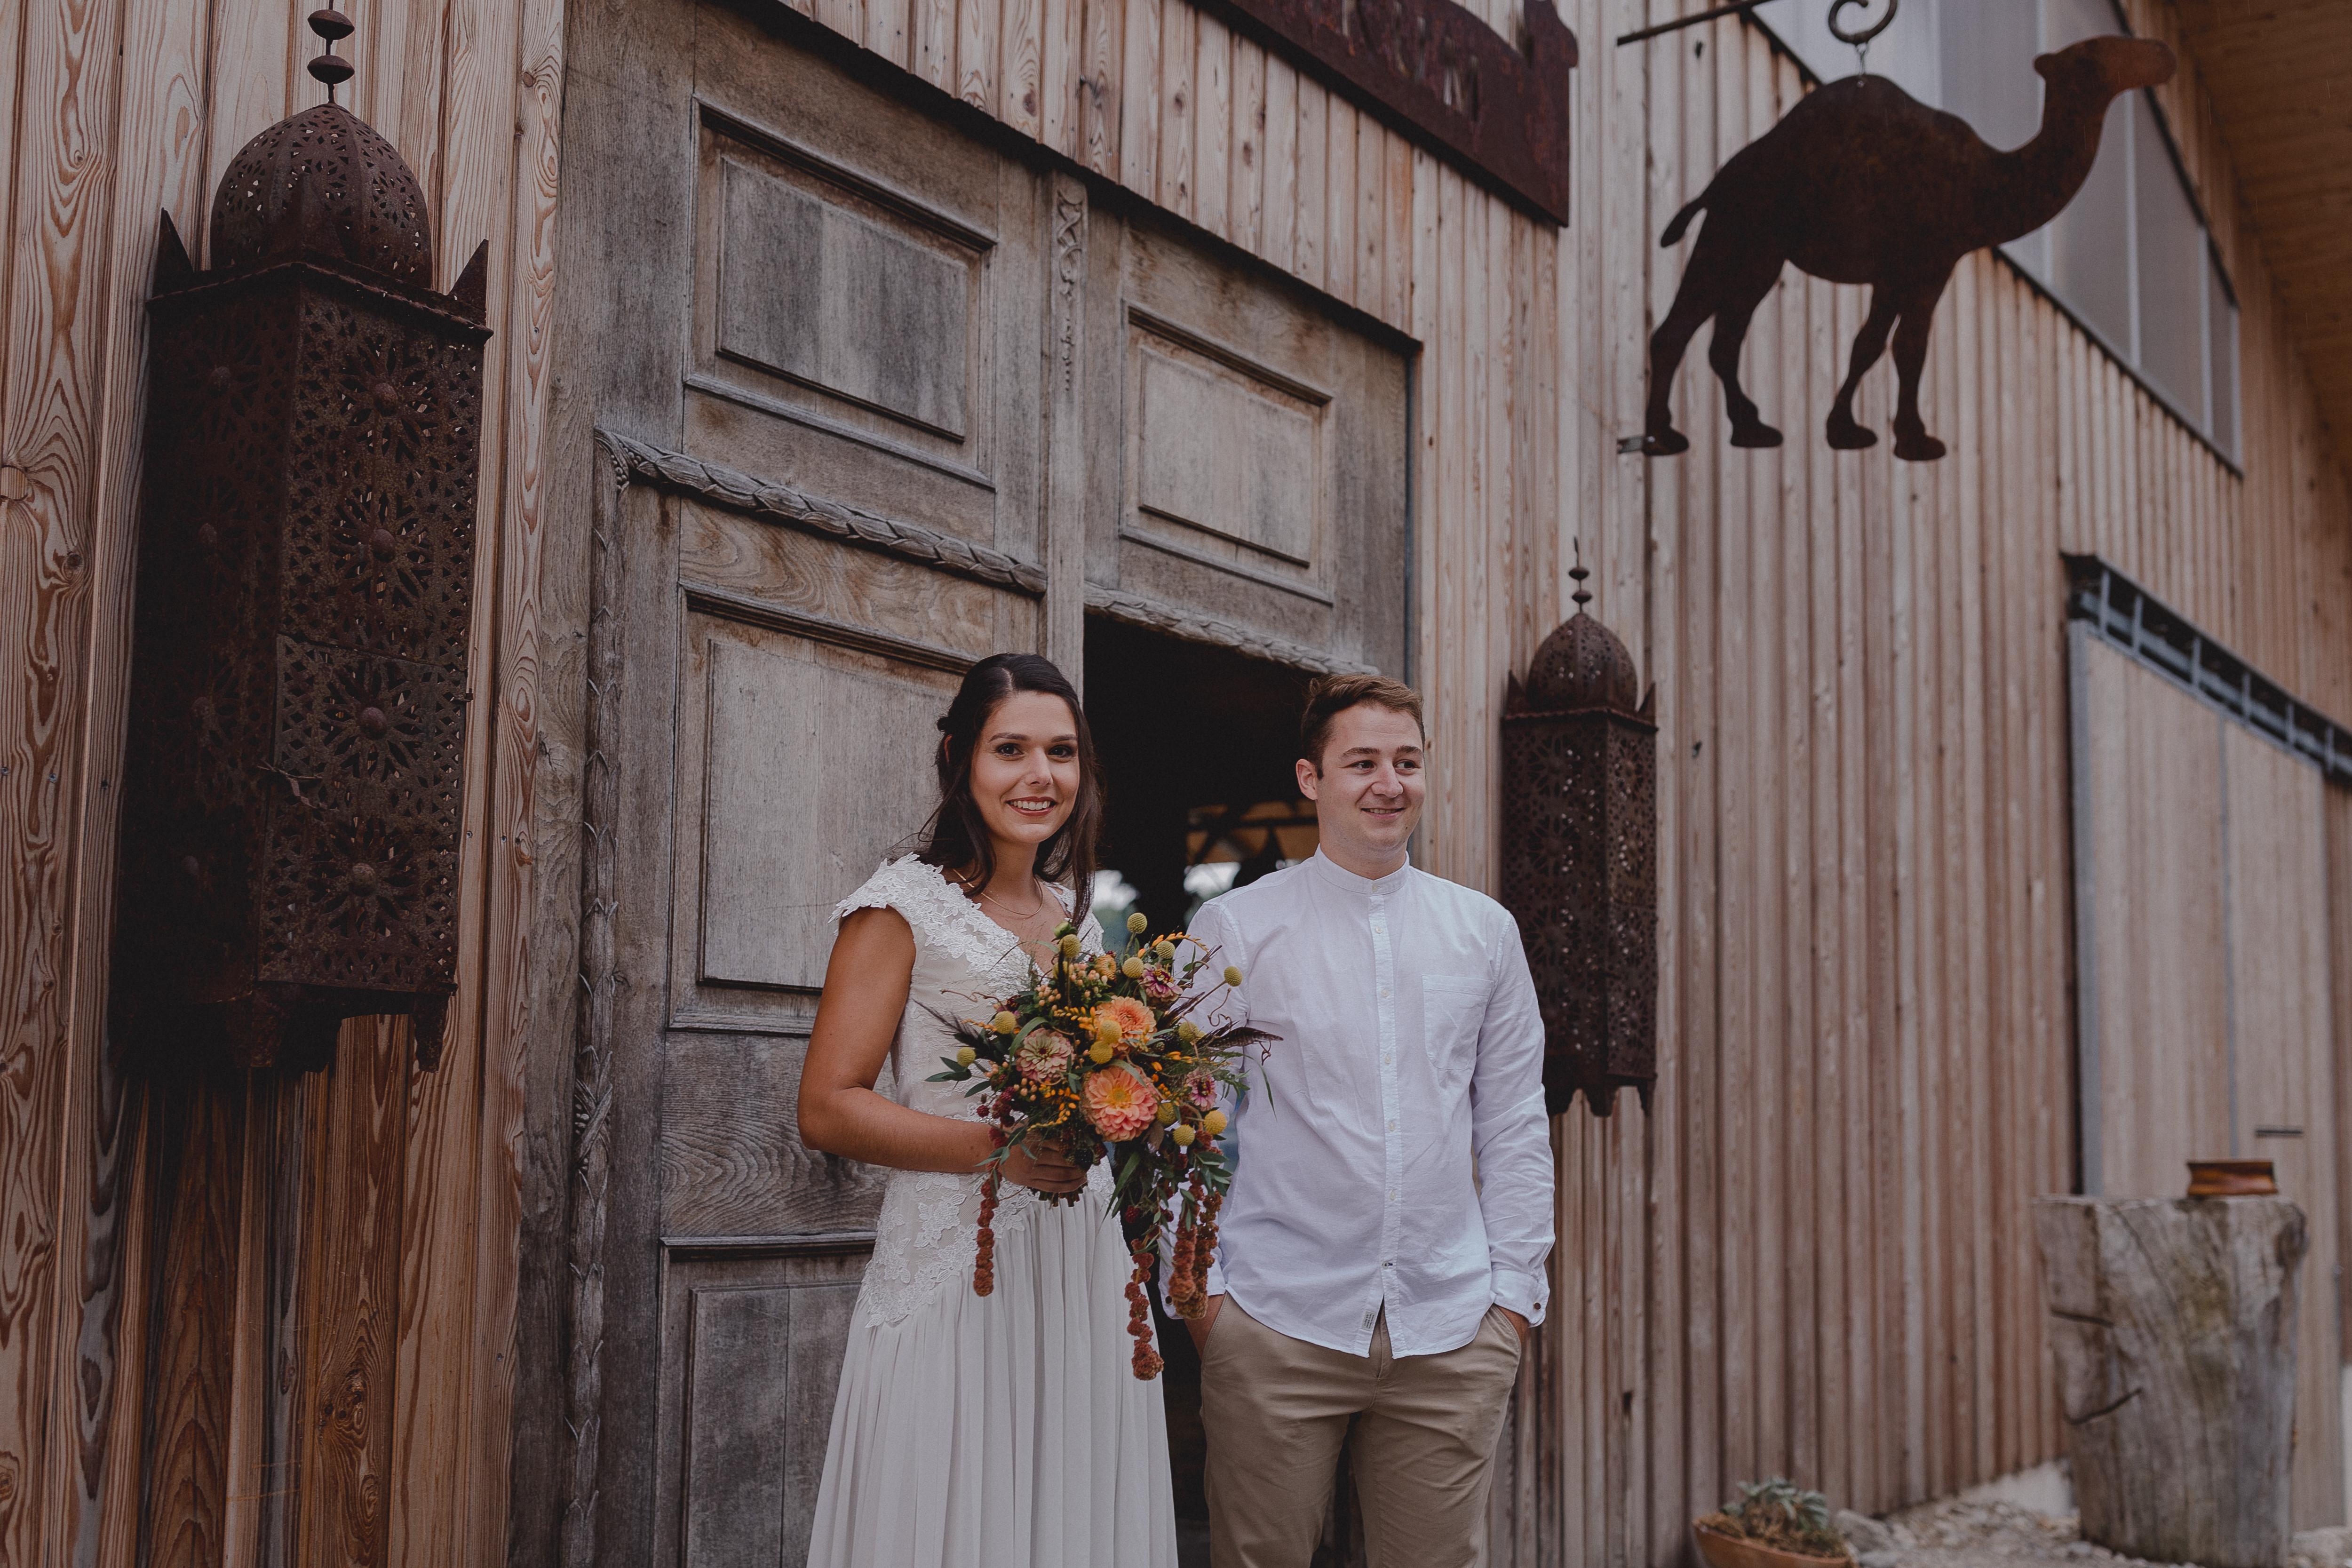 URBANERIE_Daniela_Goth_Vintage_Hochzeitsfotografin_Nuernberg_Fuerth_Erlangen_180721_0093